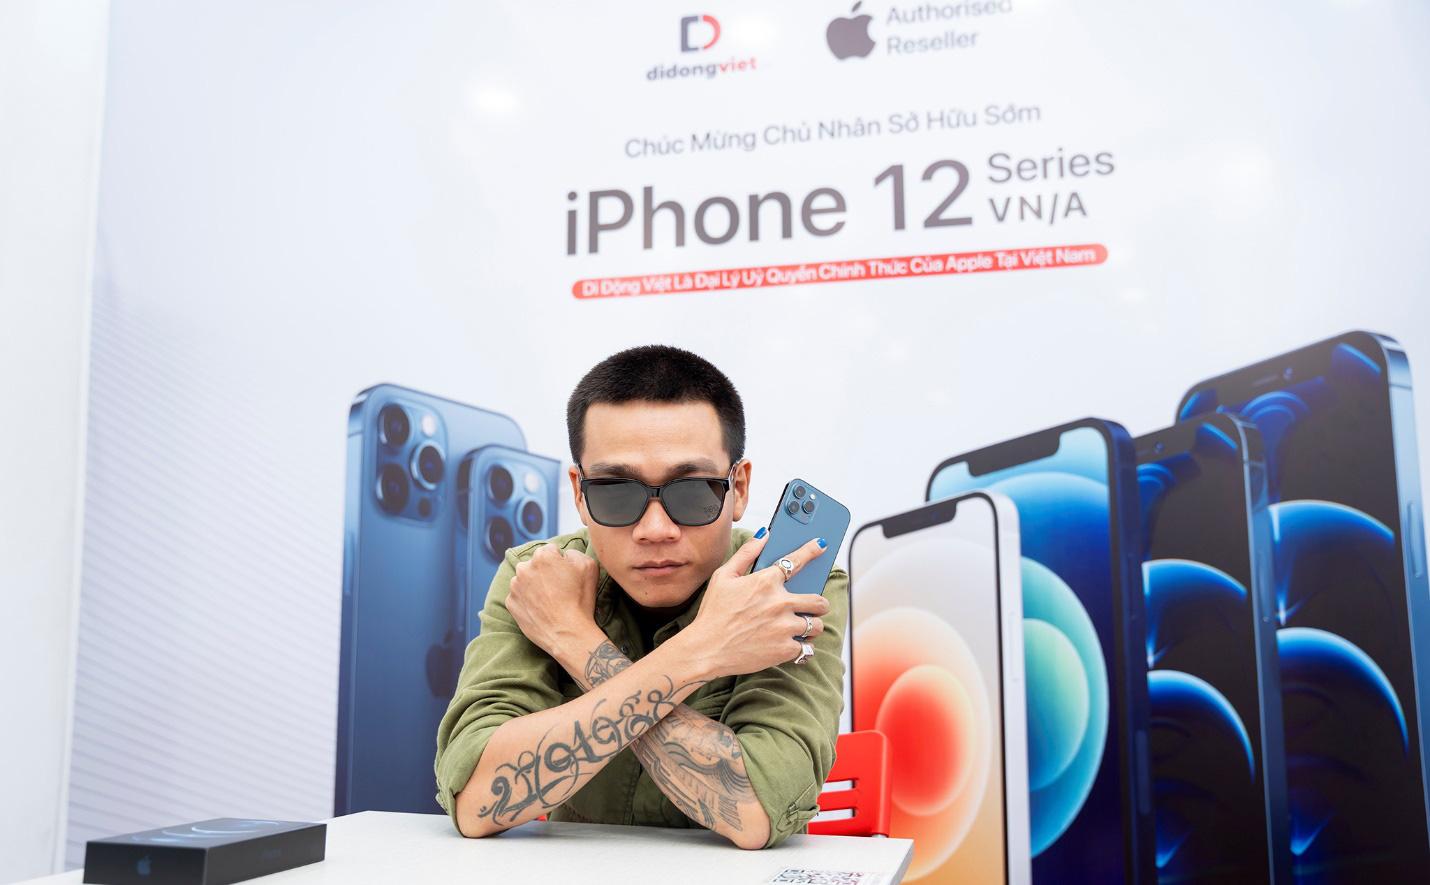 Wowy sở hữu iPhone 12 Pro Max VN/A trong ngày đầu mở bán tại Việt Nam - Ảnh 2.